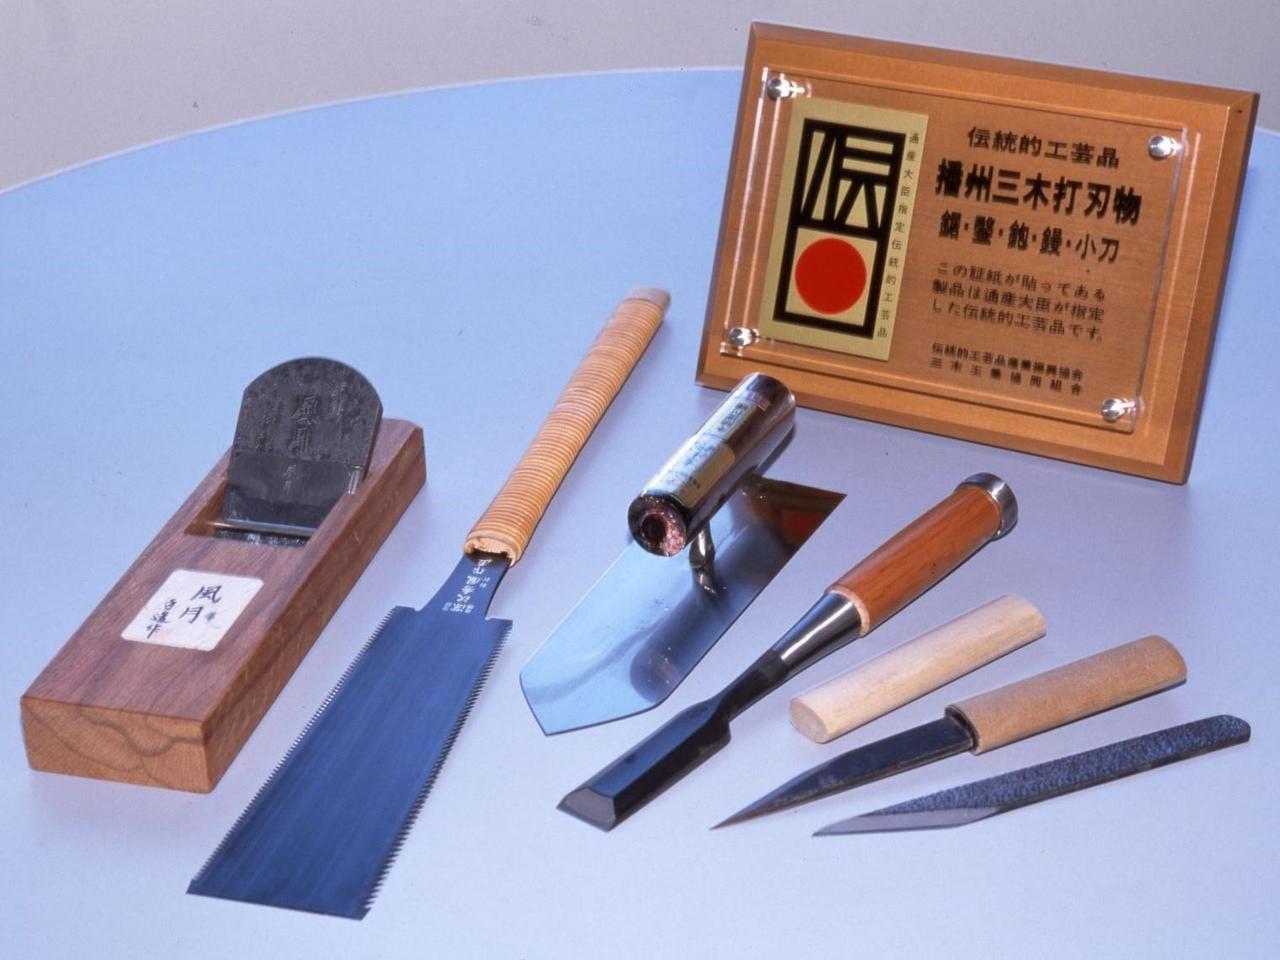 三木金物の写真(提供) (2).jpg